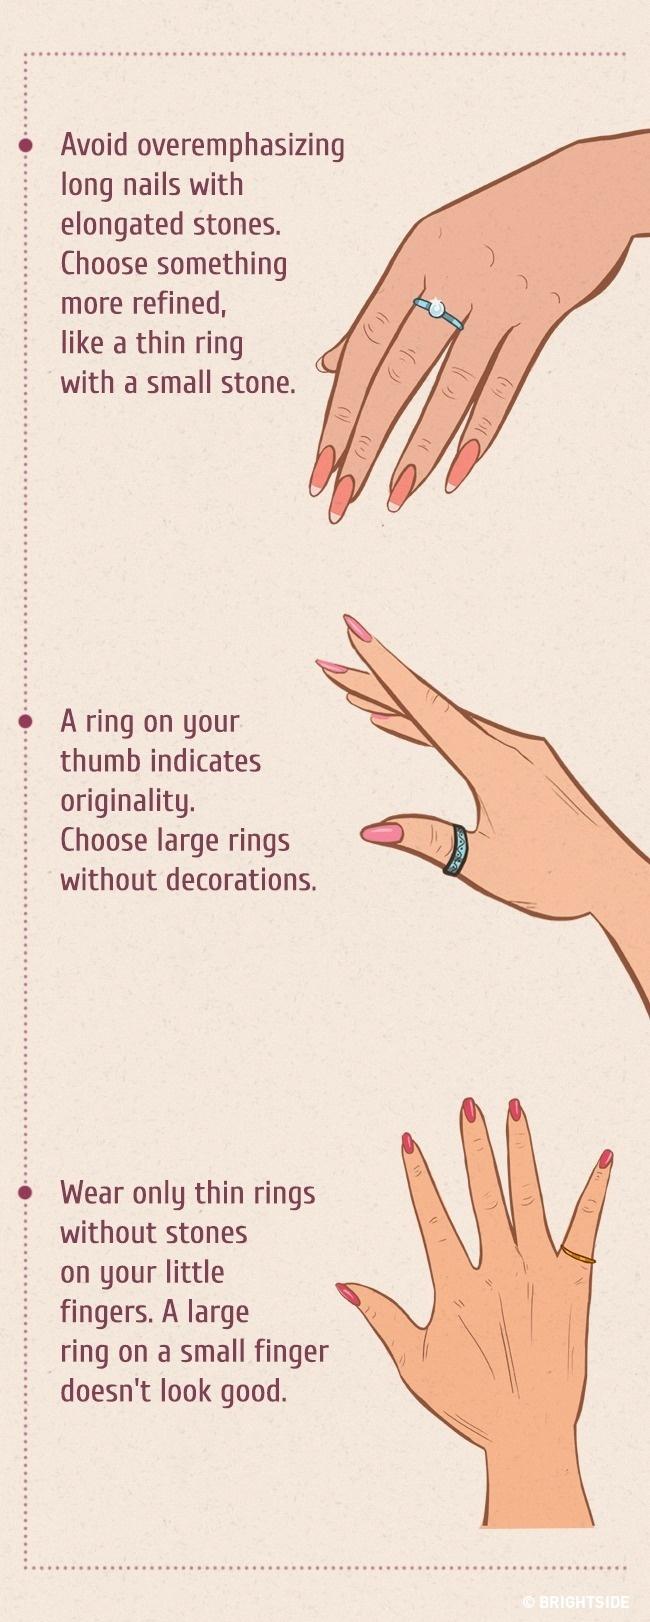 prstenje 6 Sve što bi trebalo da znaš o izboru i nošenju prstenja